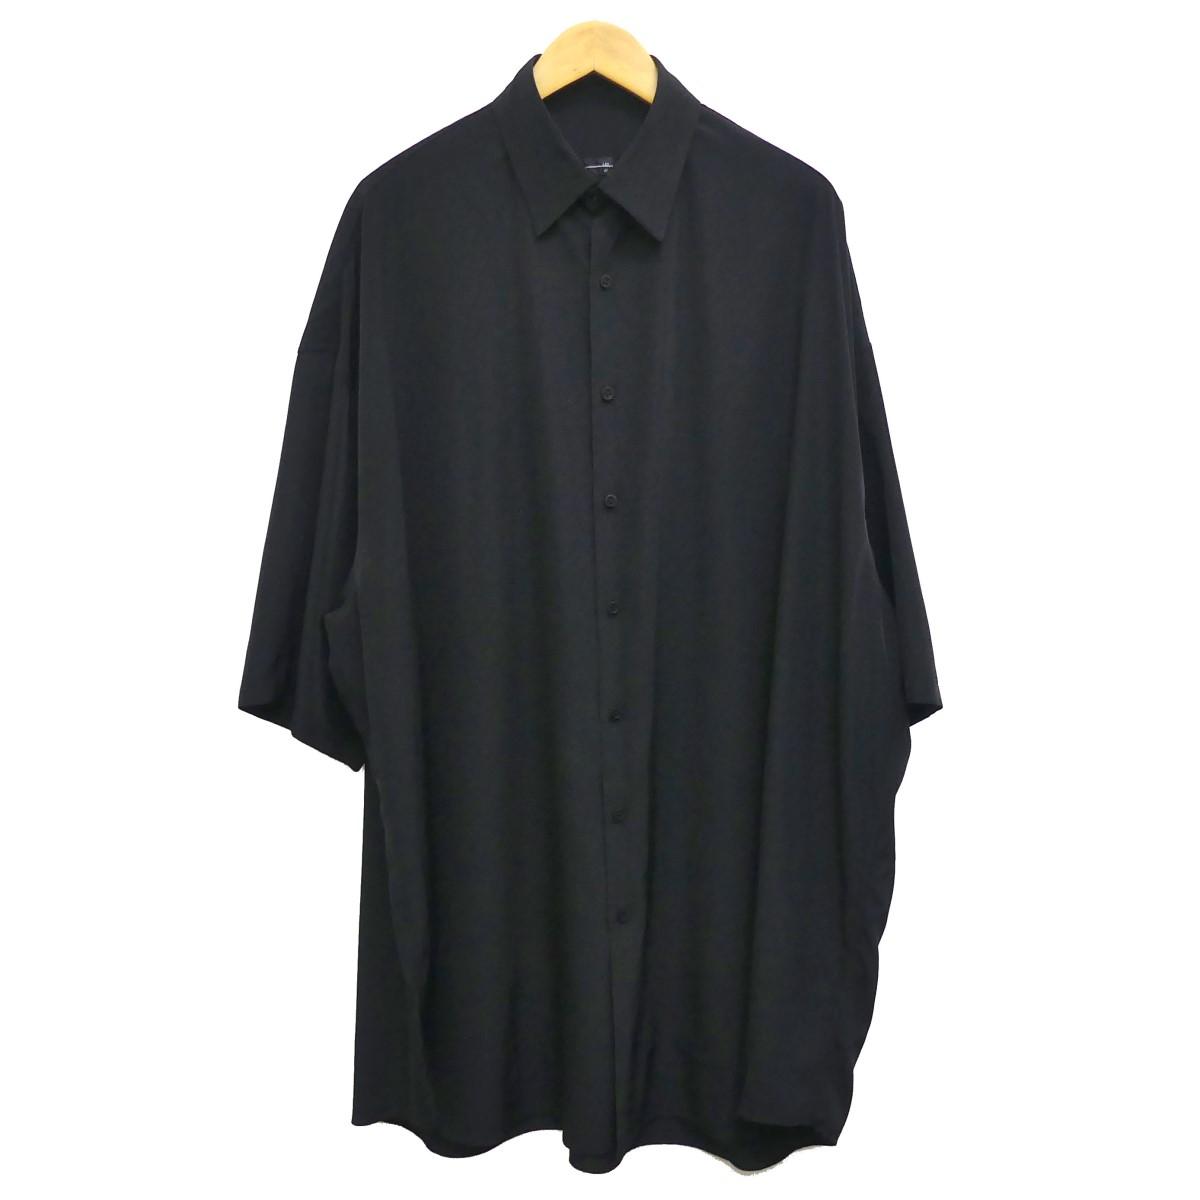 【中古】LAD MUSICIAN 19SS SUPER BIG SHORT SLEEVE SHIRT ブラック サイズ:42 【290420】(ラッドミュージシャン)